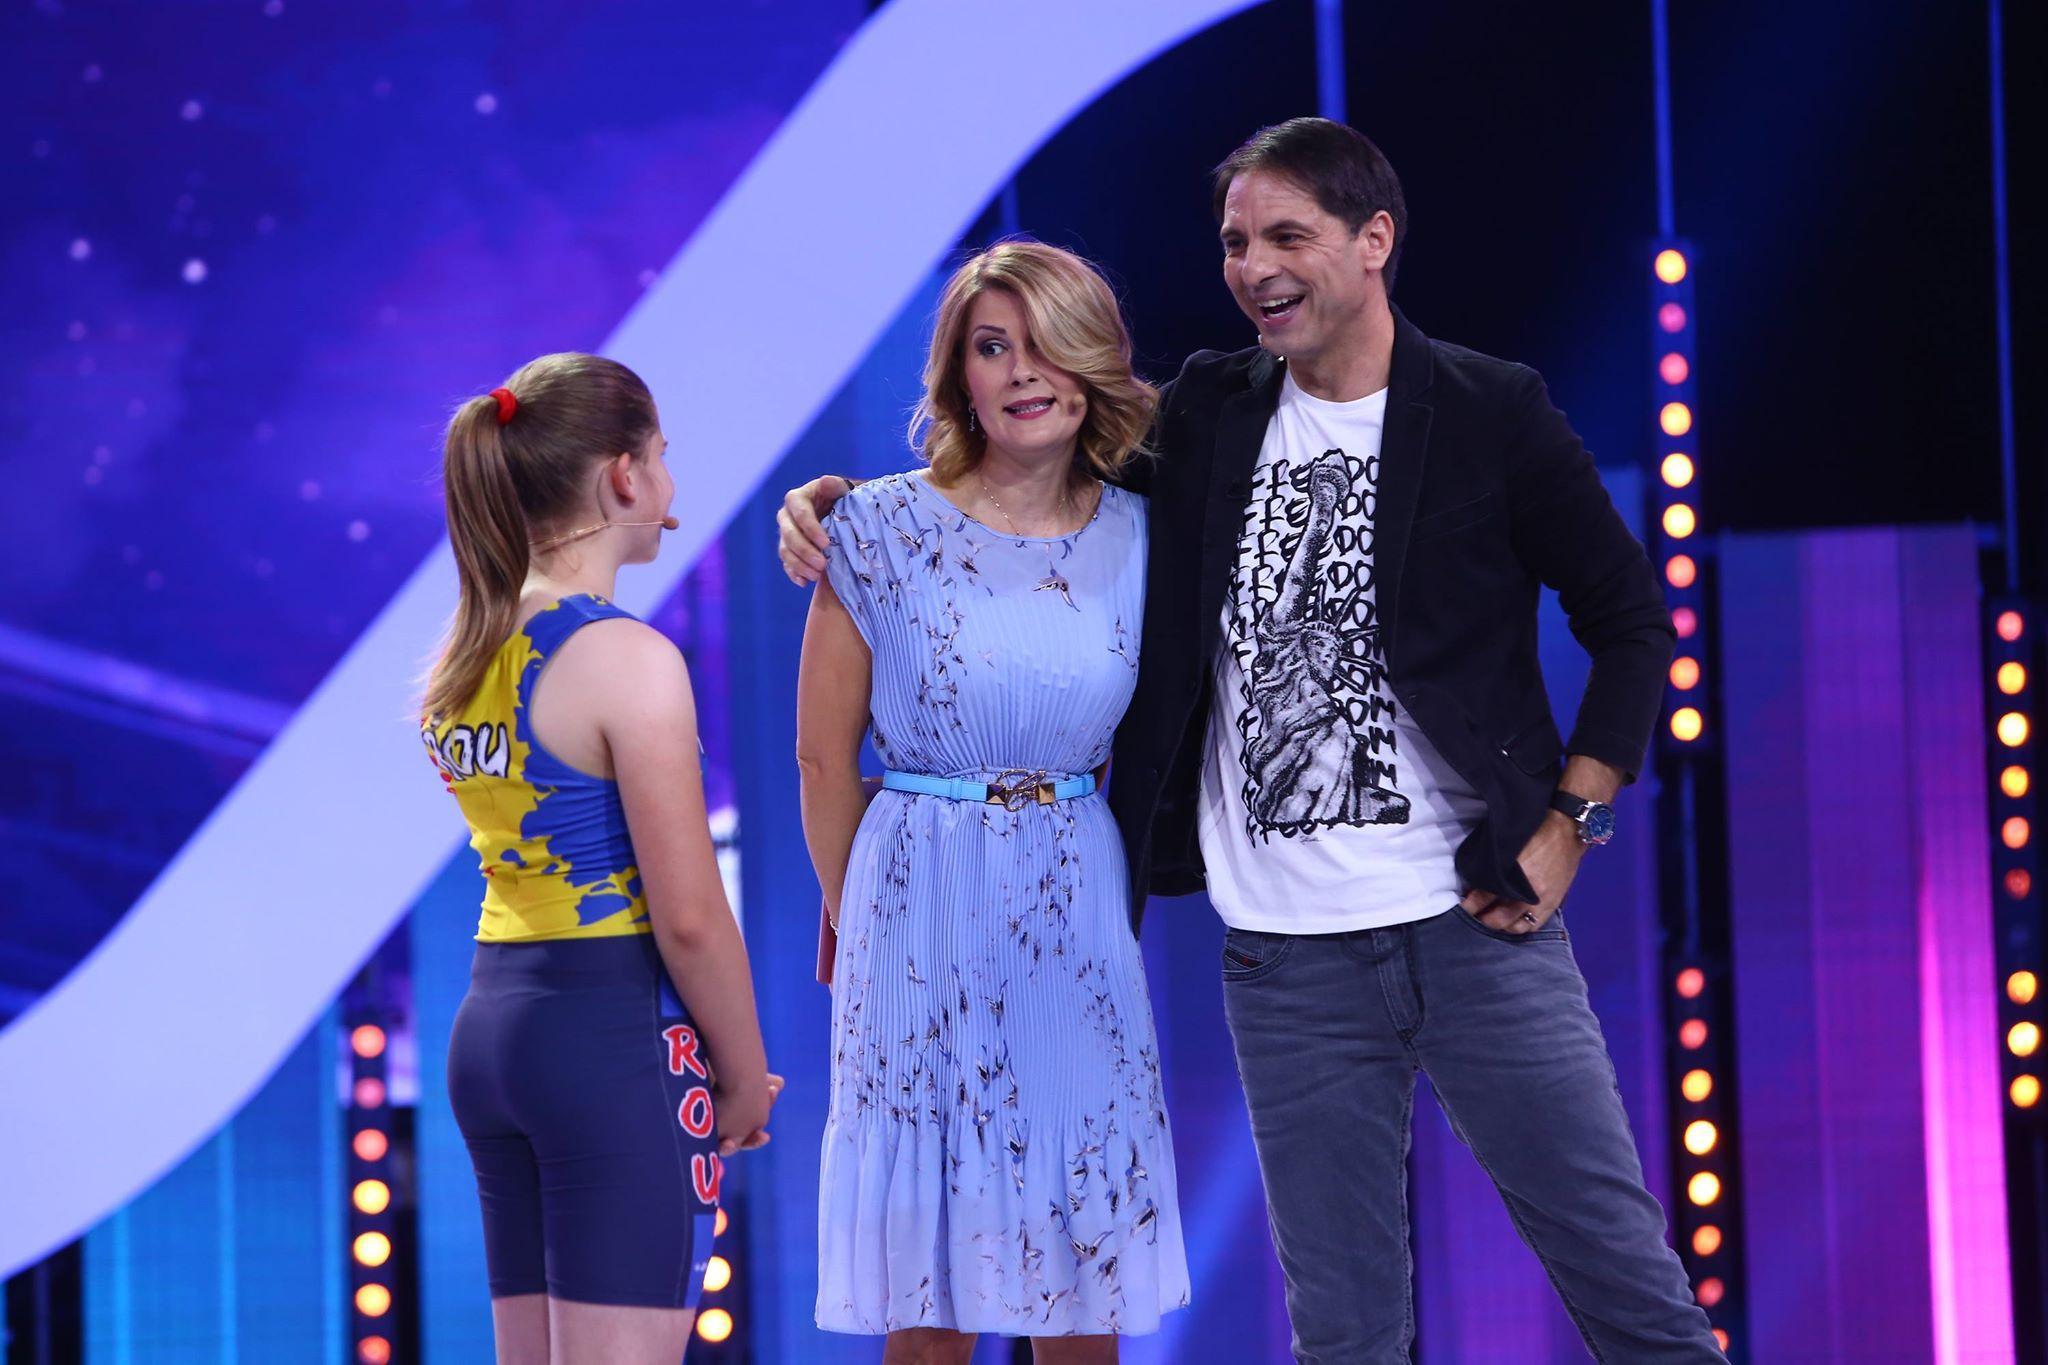 """Surpriză de proporții pentru Ana Maria Rață, campioană națională la haltere, la doar 11 ani! Alessandra Stoicescu: """"Să nu uiți că ești un copil special!"""""""